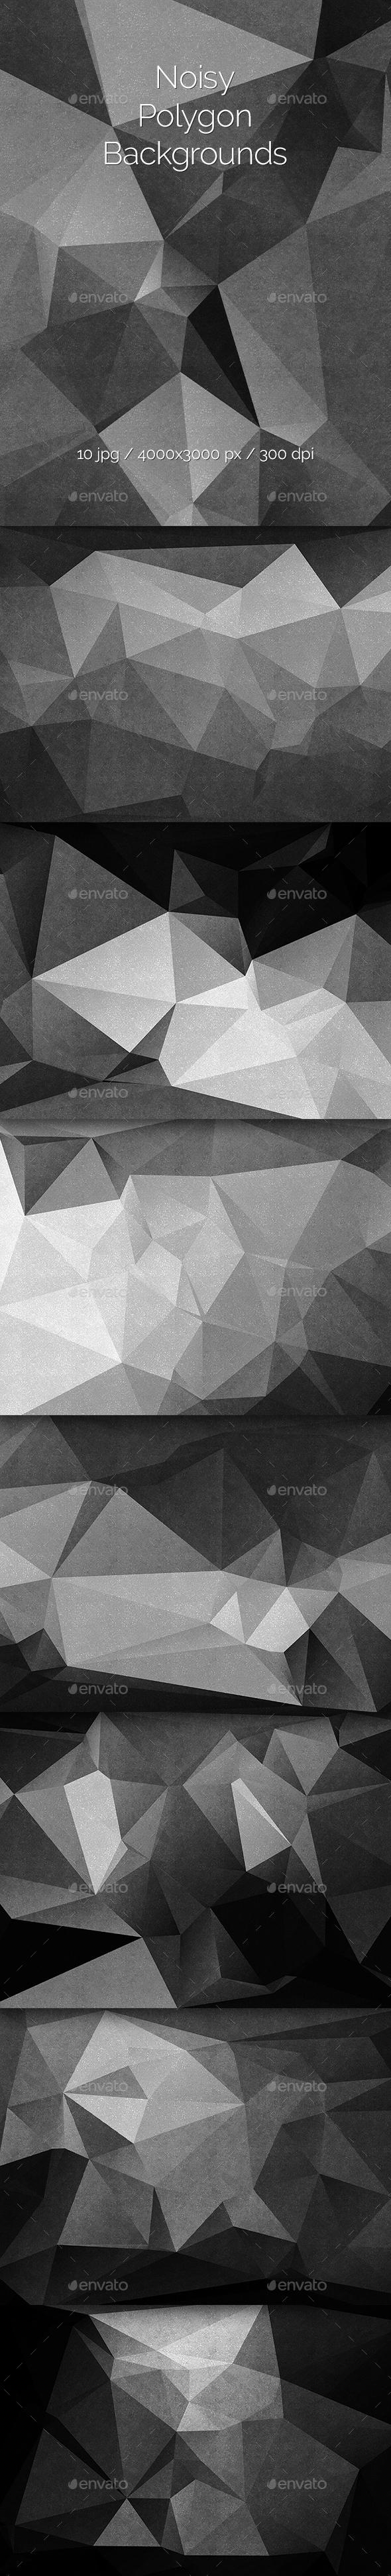 Noisy Polygon Backgrounds